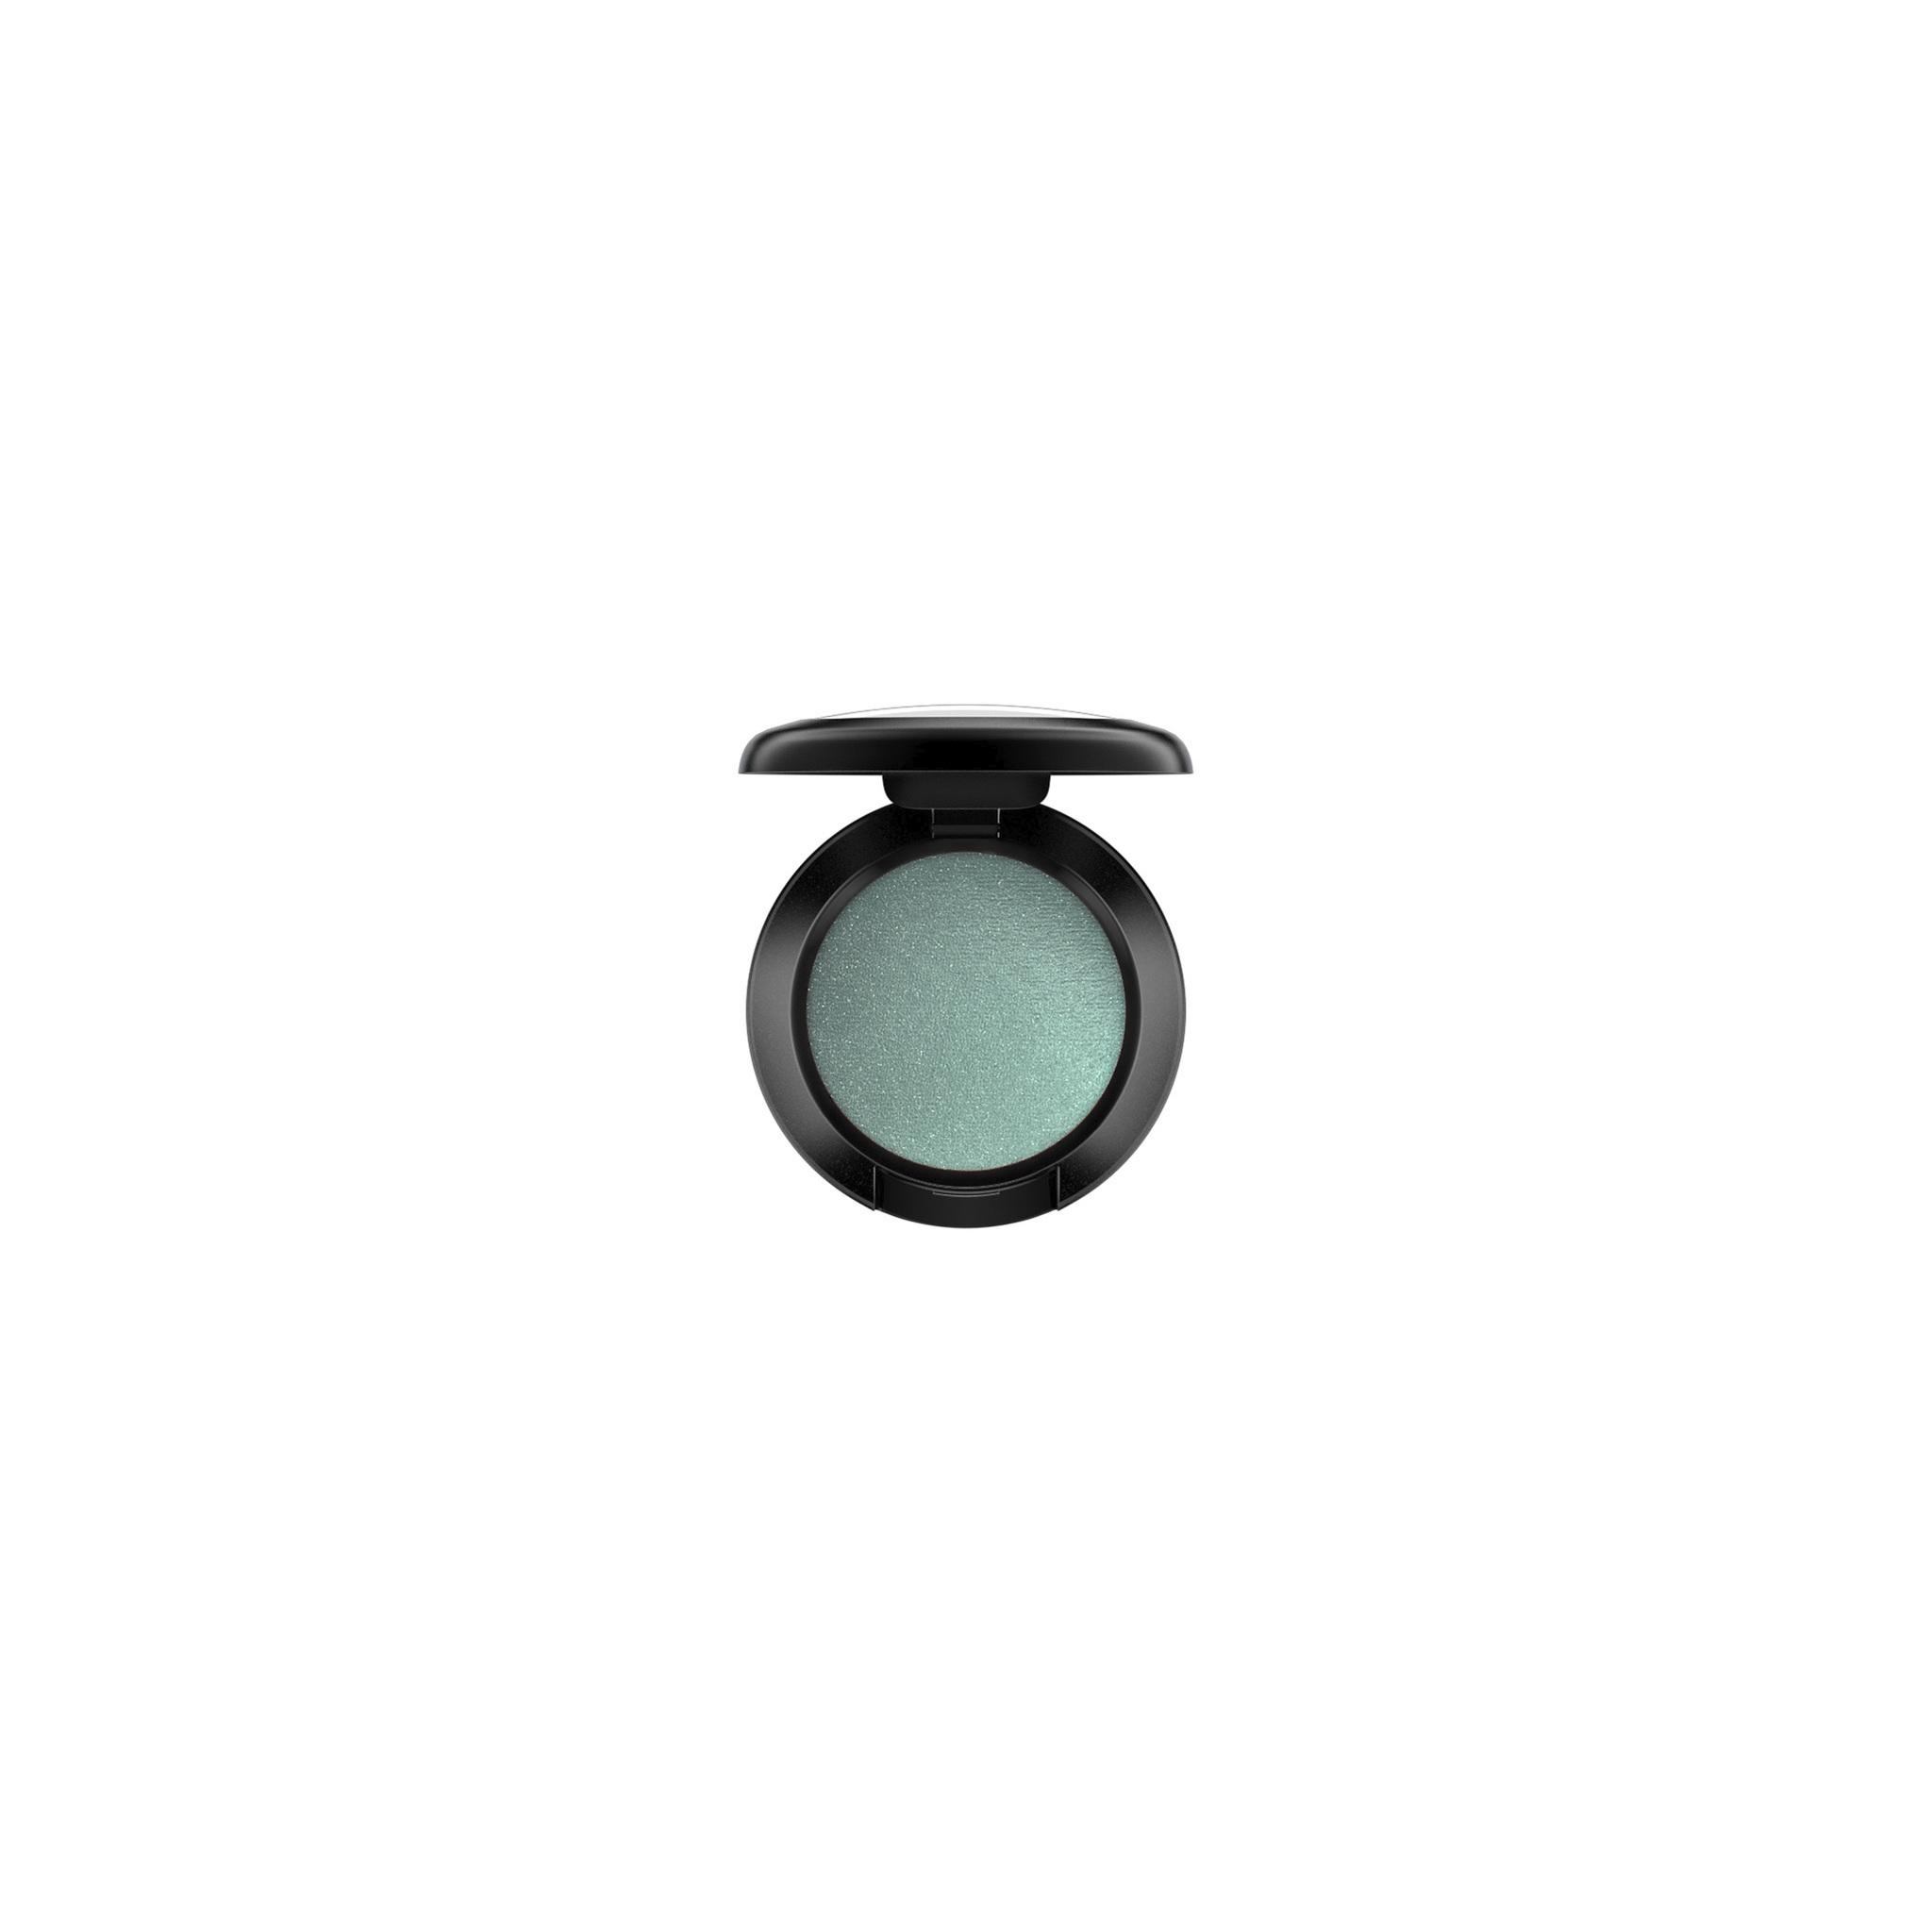 MAC Eye Shadow, steamy